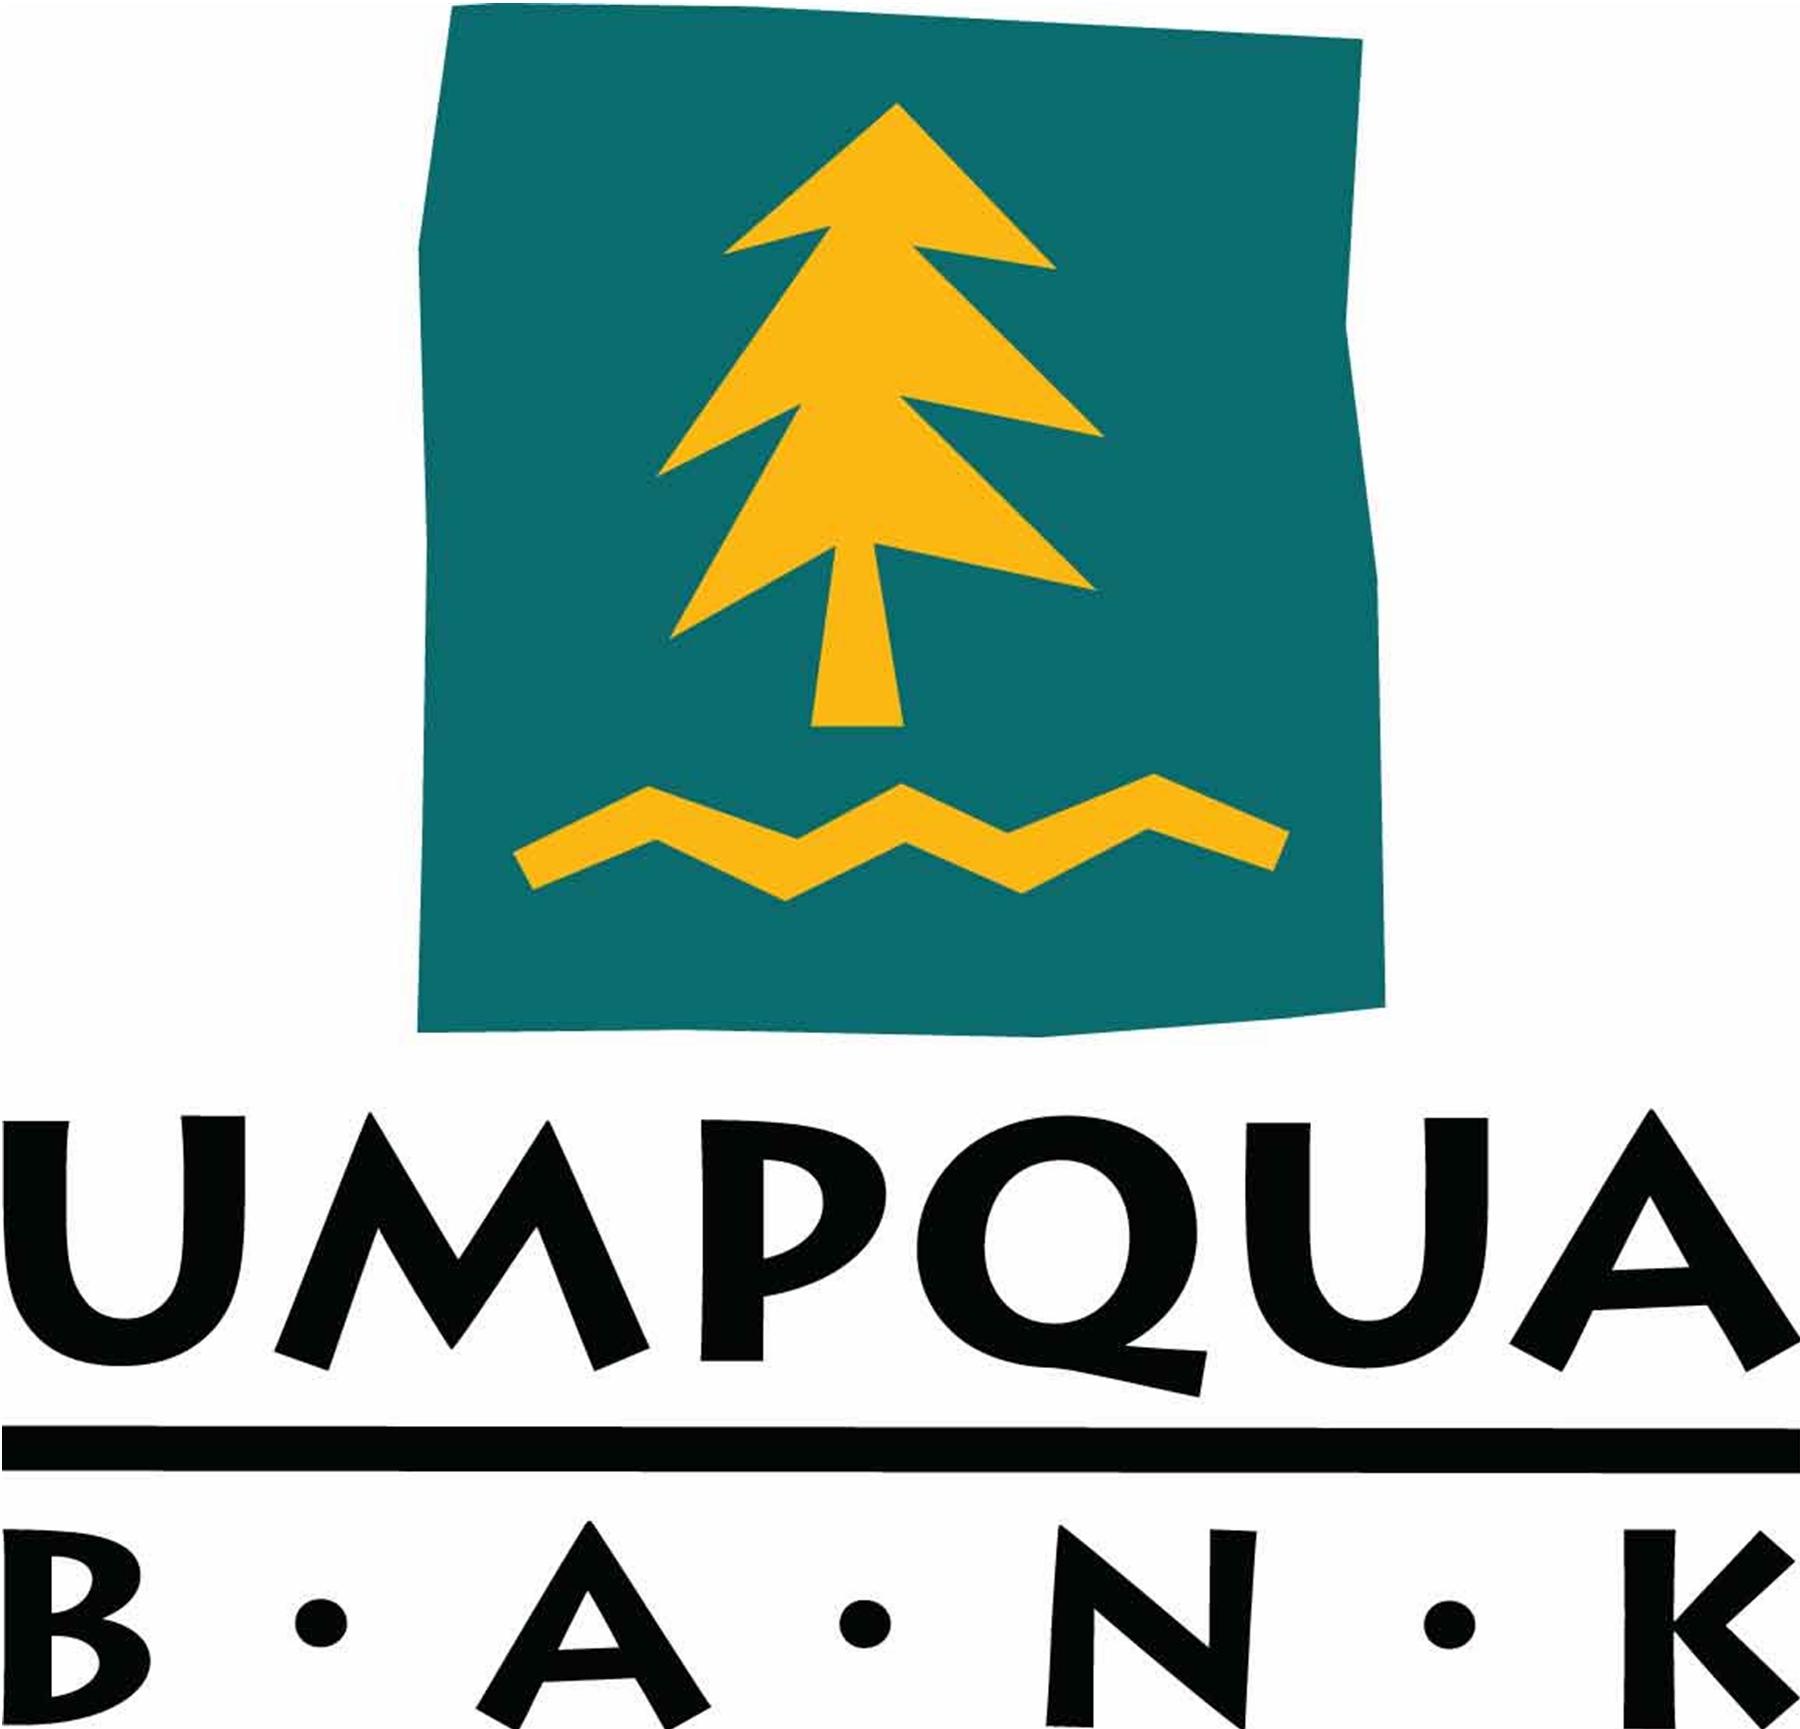 Personal Bank Check